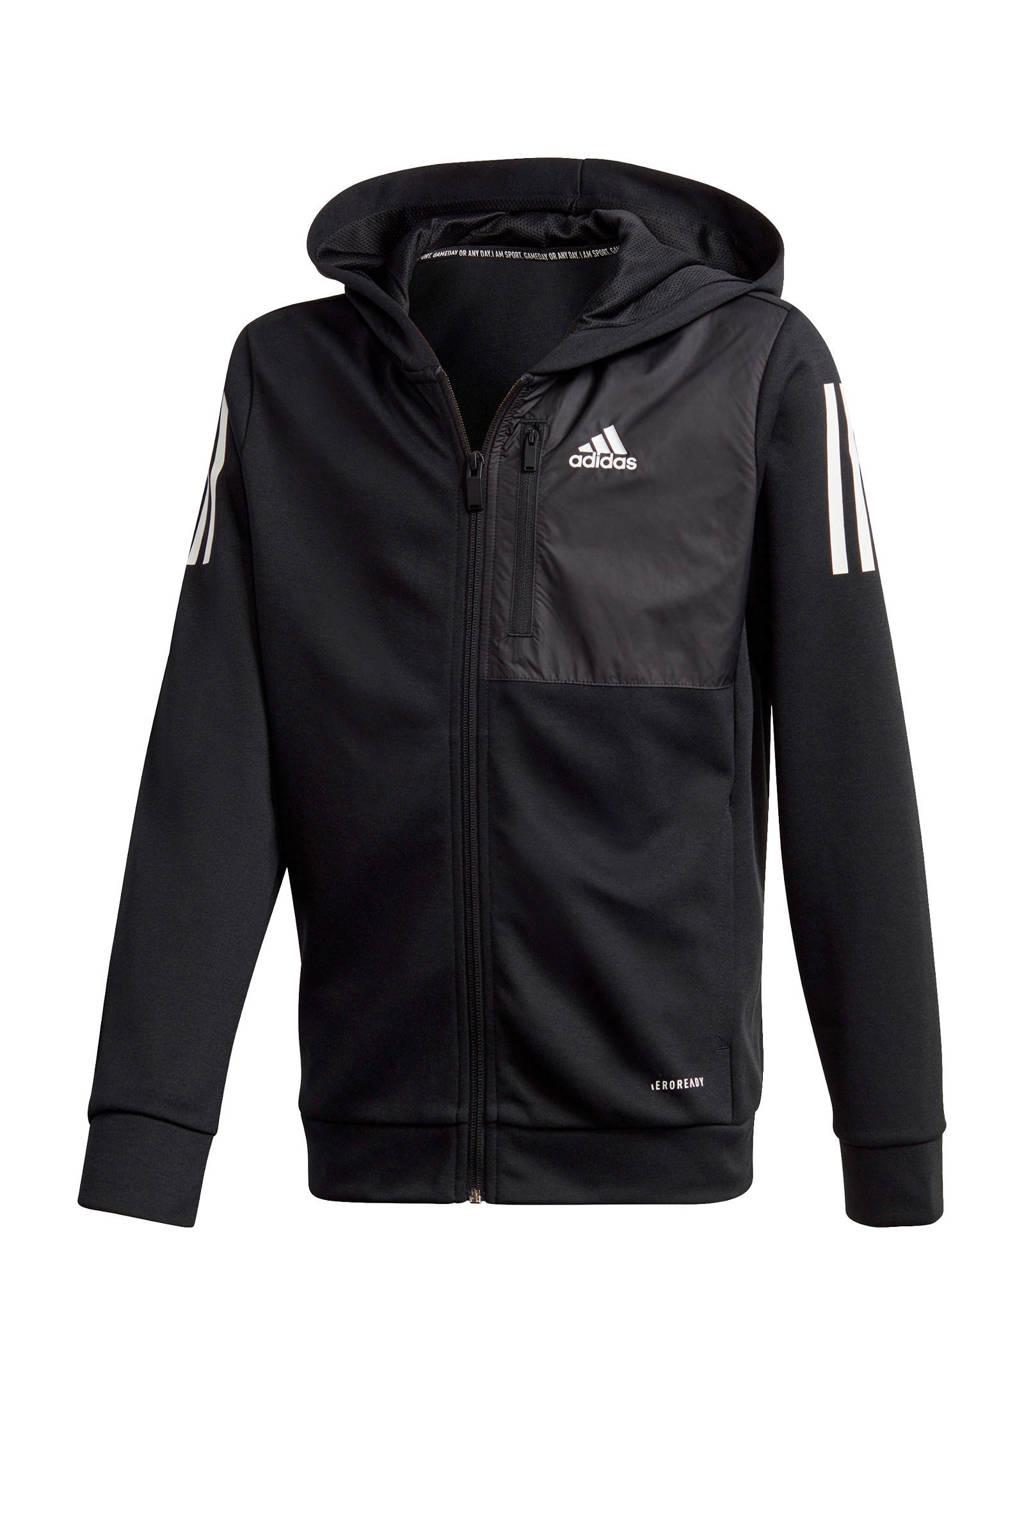 adidas Performance   sportvest zwart, Zwart